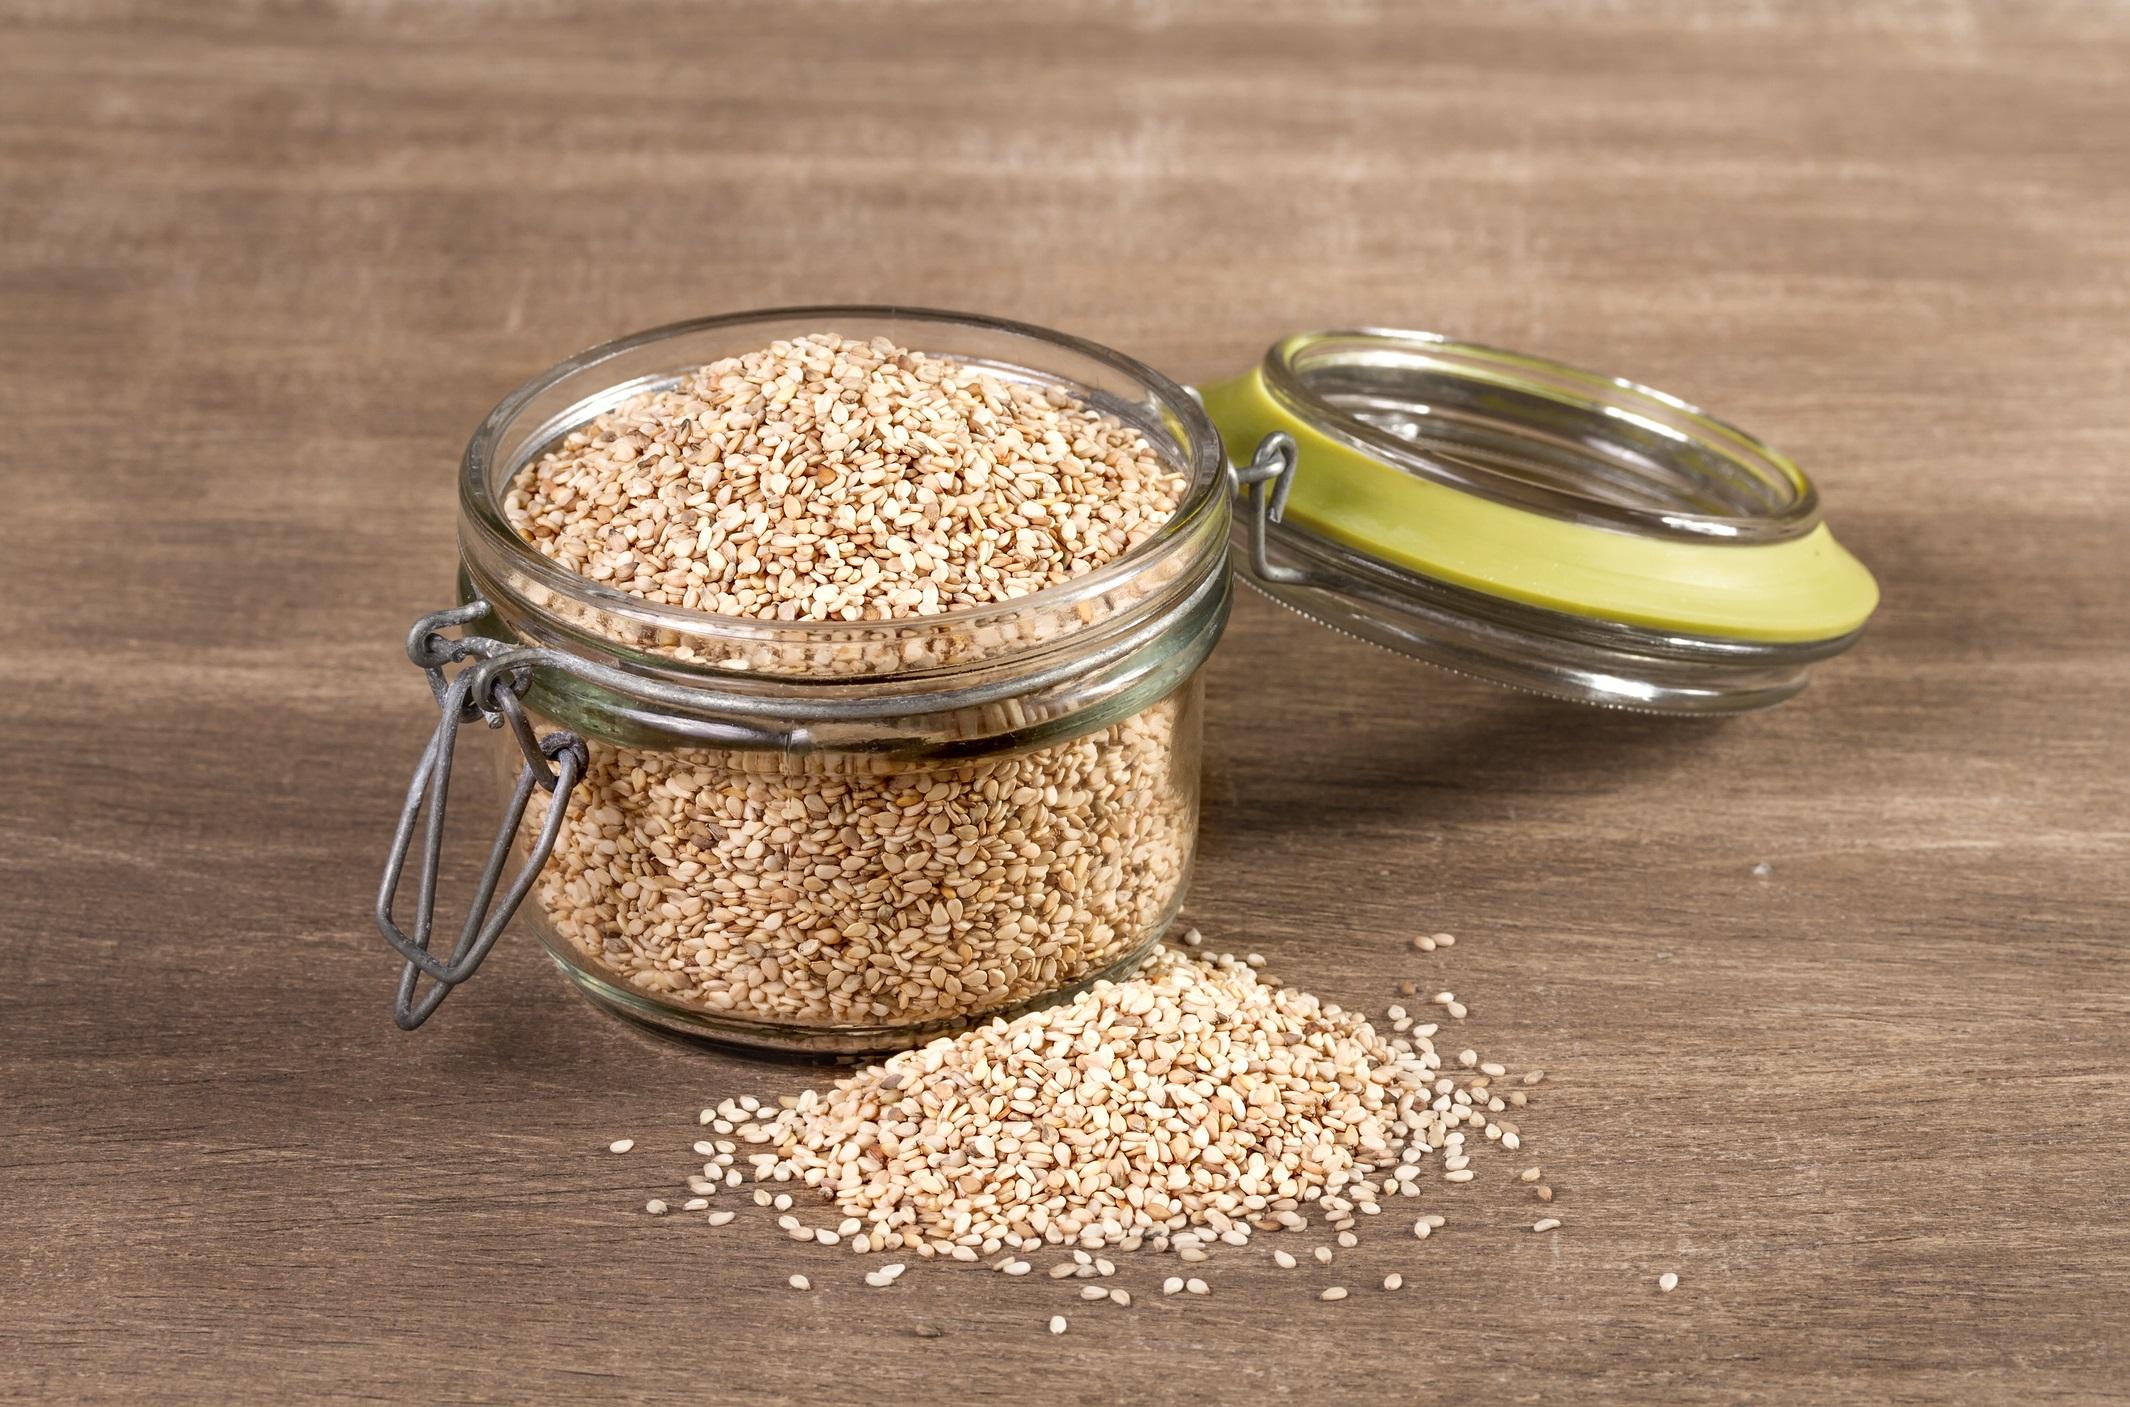 <p><strong>Сусам</strong></p>  <p>Привлича с голямото съдържание на калций &ndash; 4-5 пъти по-високо, отколкото при другите ядки и семена. Богат е също на желязо, магнезий, цинк, витамини от група B и витамин E. Препоръчва се по време на бременност и менопауза (за профилактика на остеопорозата). Подобрява метаболизма, влияе върху качеството на кожата, косата и ноктите, действа като афродизиак. Наличието на фитостероли намалява риска от някои видове рак.</p>